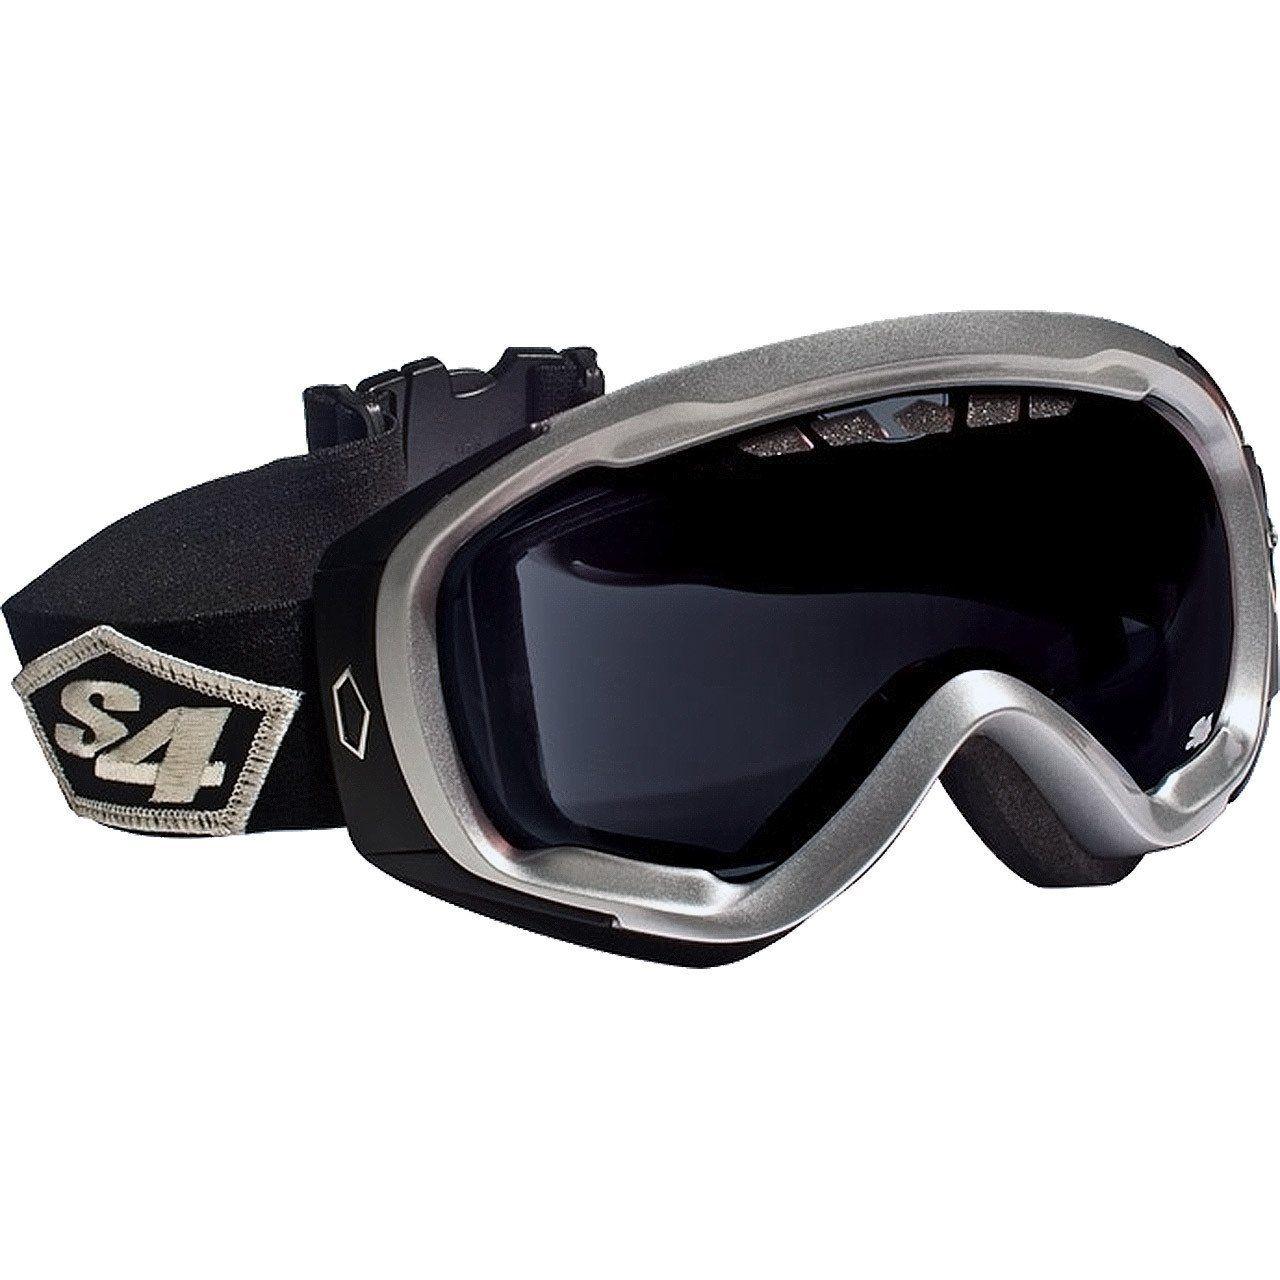 1302f25faca3 S4 Transfer Snow Goggle